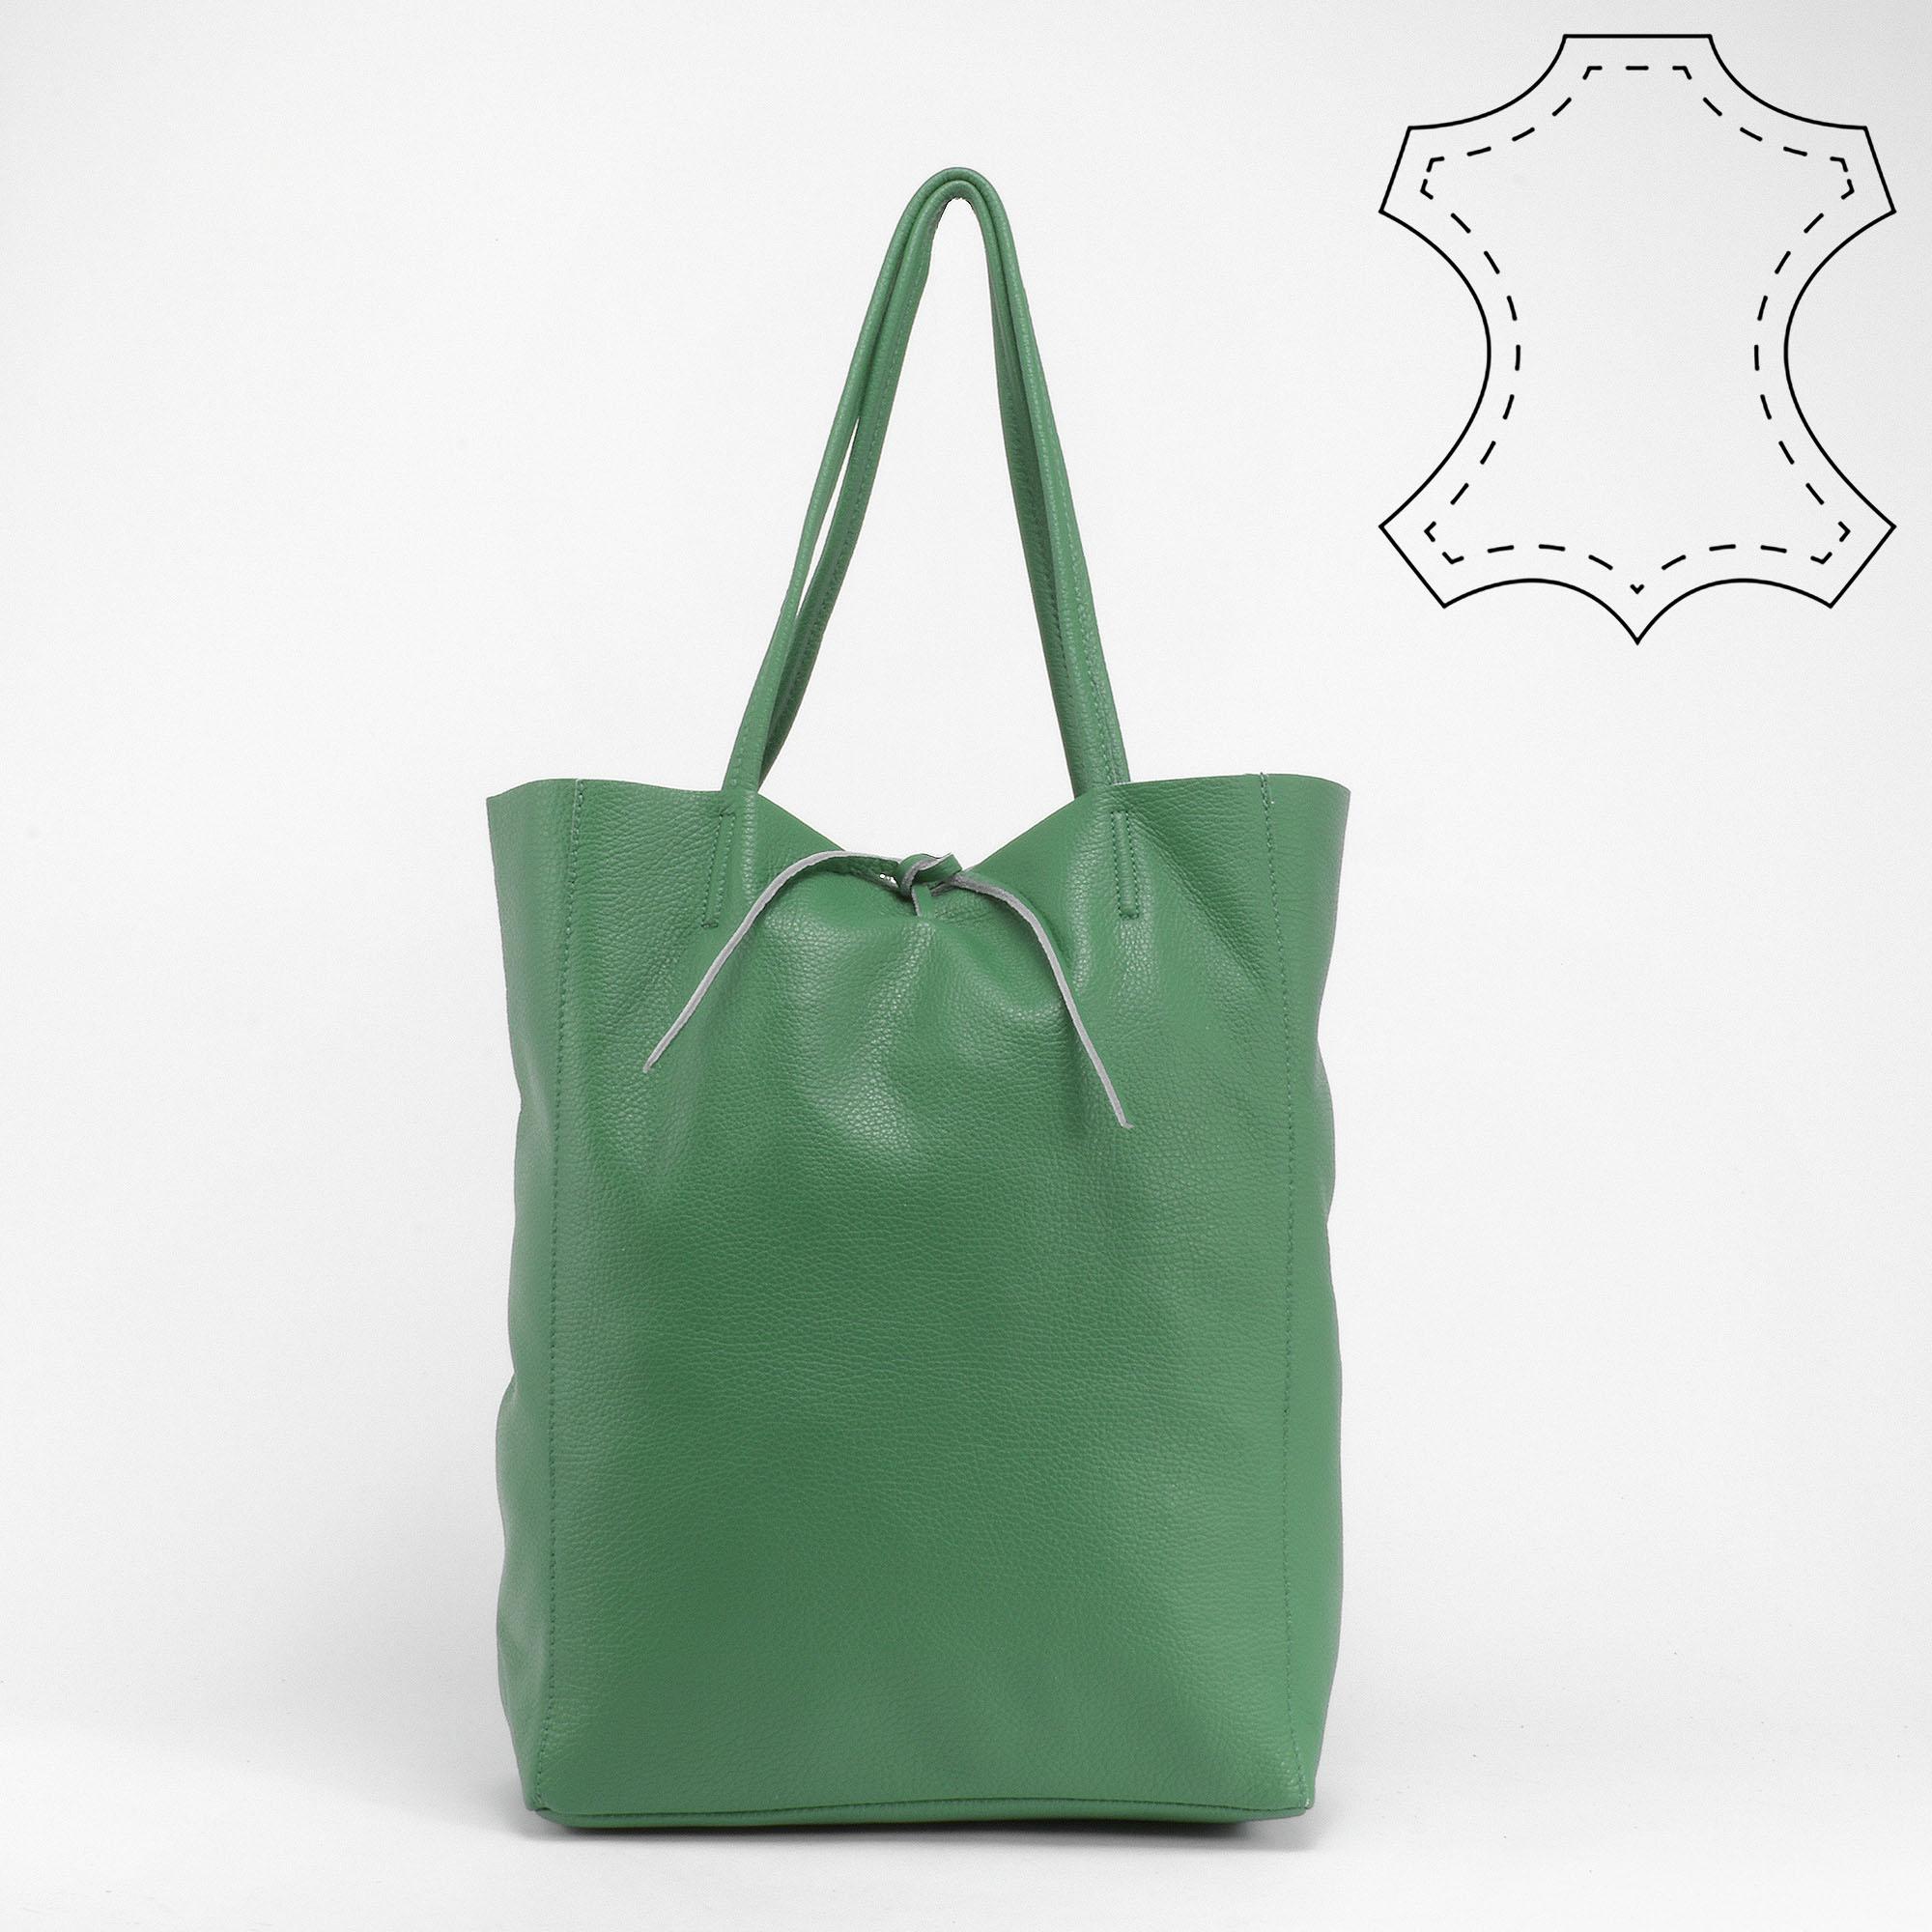 30b6fc670008 Vivien zöld valódi bőrválltáska - Válltáskák - Táska webáruház - Minőségi  táskák mindenkinek